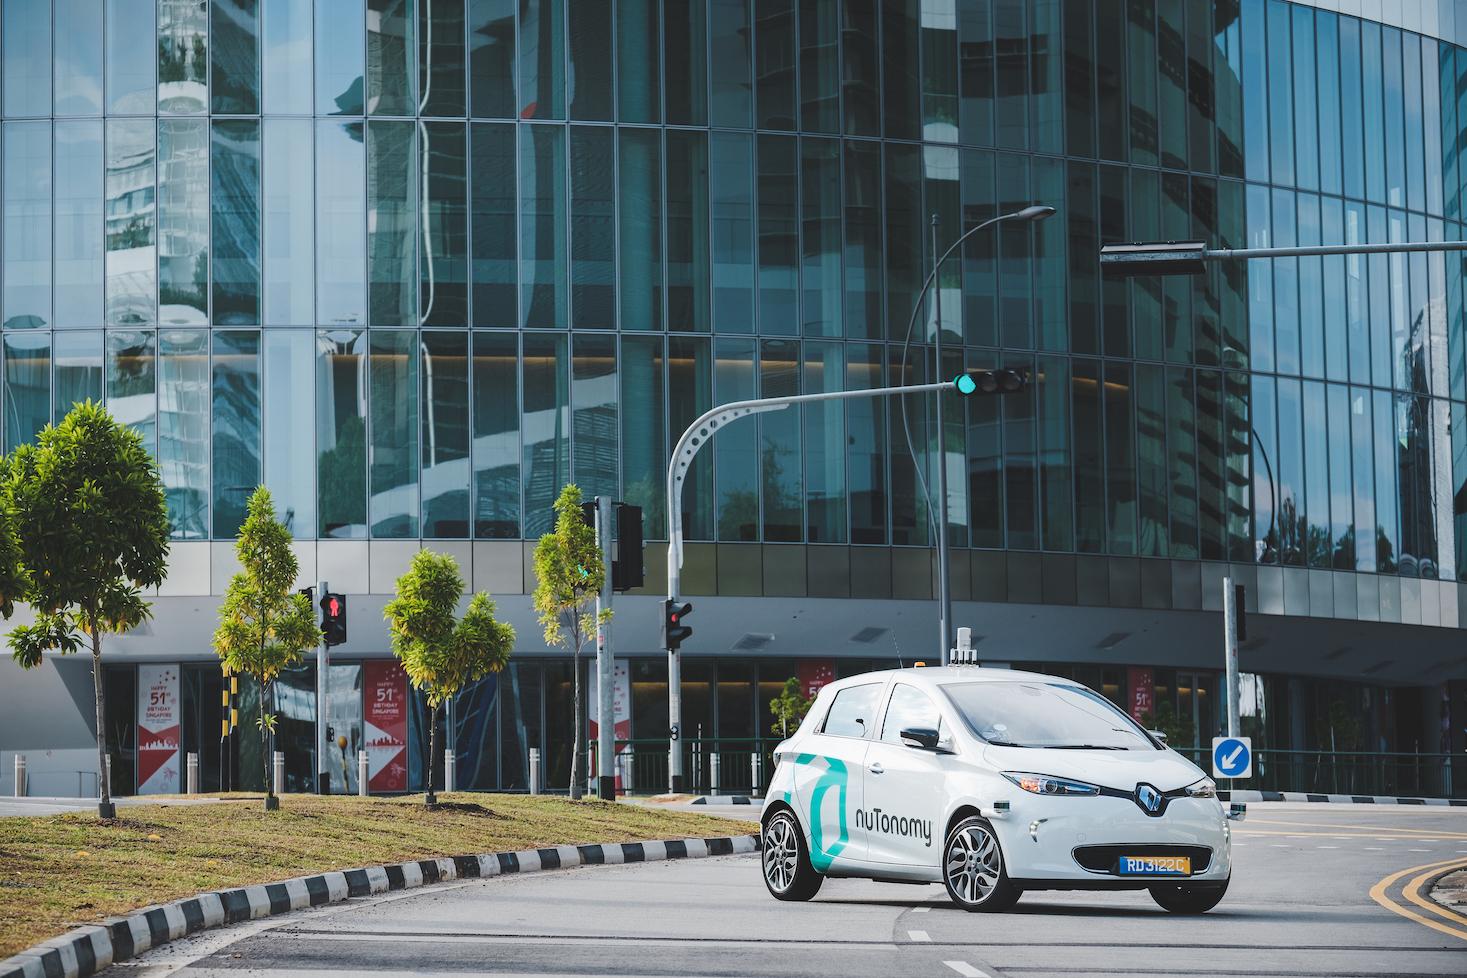 So sehen die autonomen Fahrzeuge von nuTonomy aus